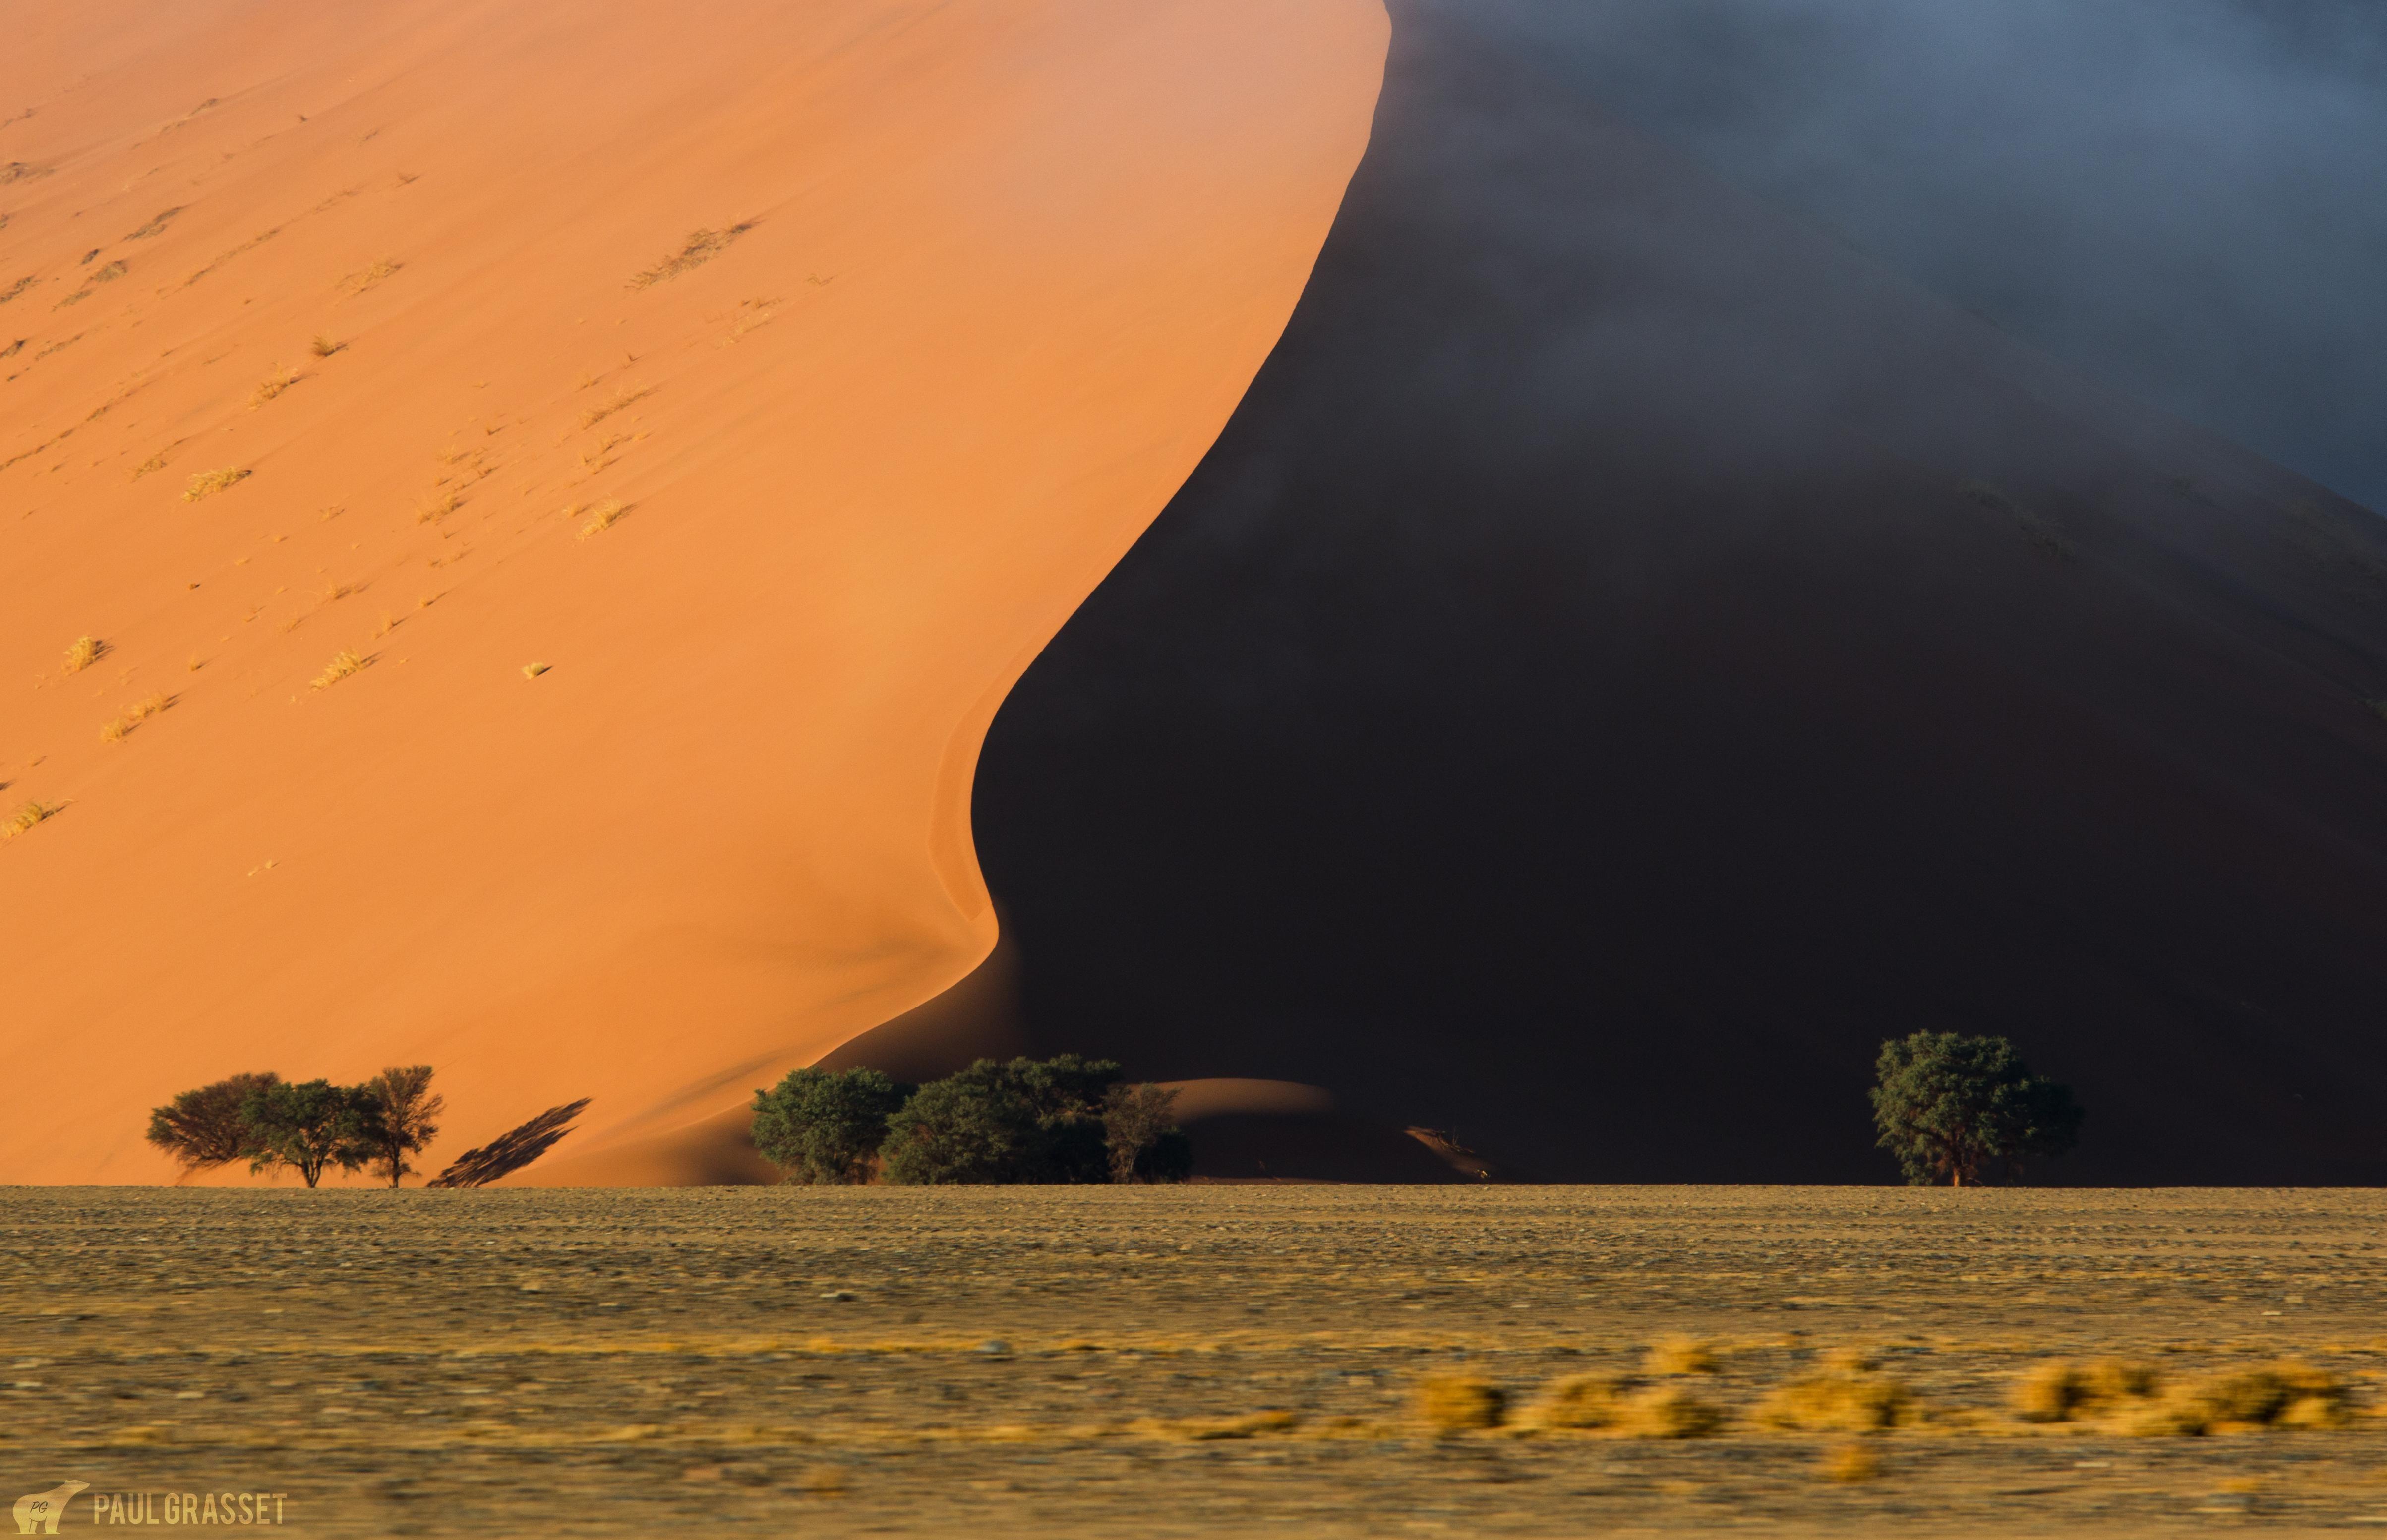 Sunrise over the highest sand dunes in the world Sossusvlei Namibia by Paul Grasset [OC] [4814x3106]